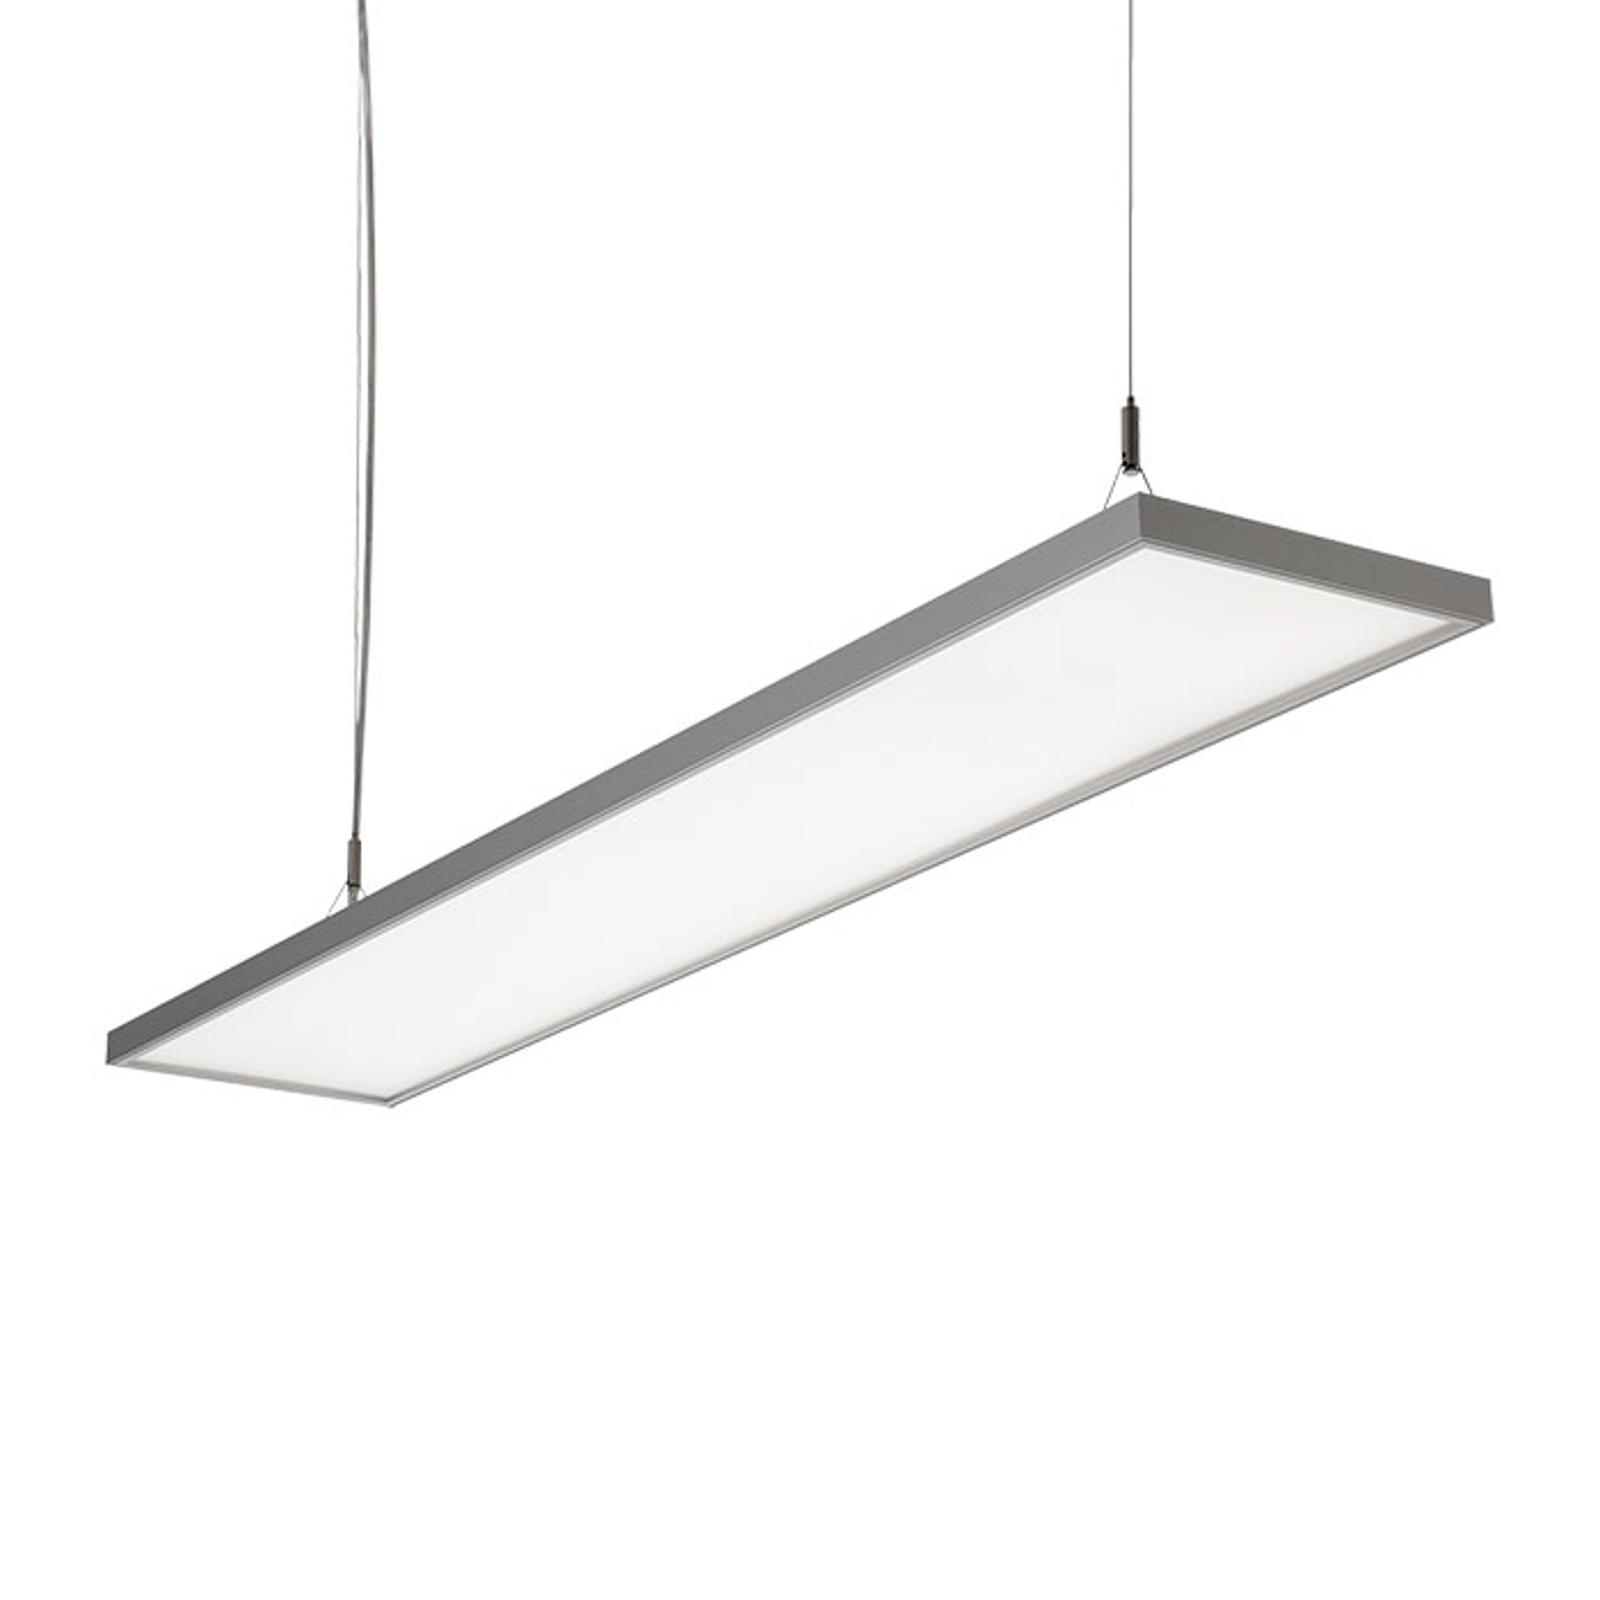 Suspension LED C95-P gris argenté 119,4cm dimmable